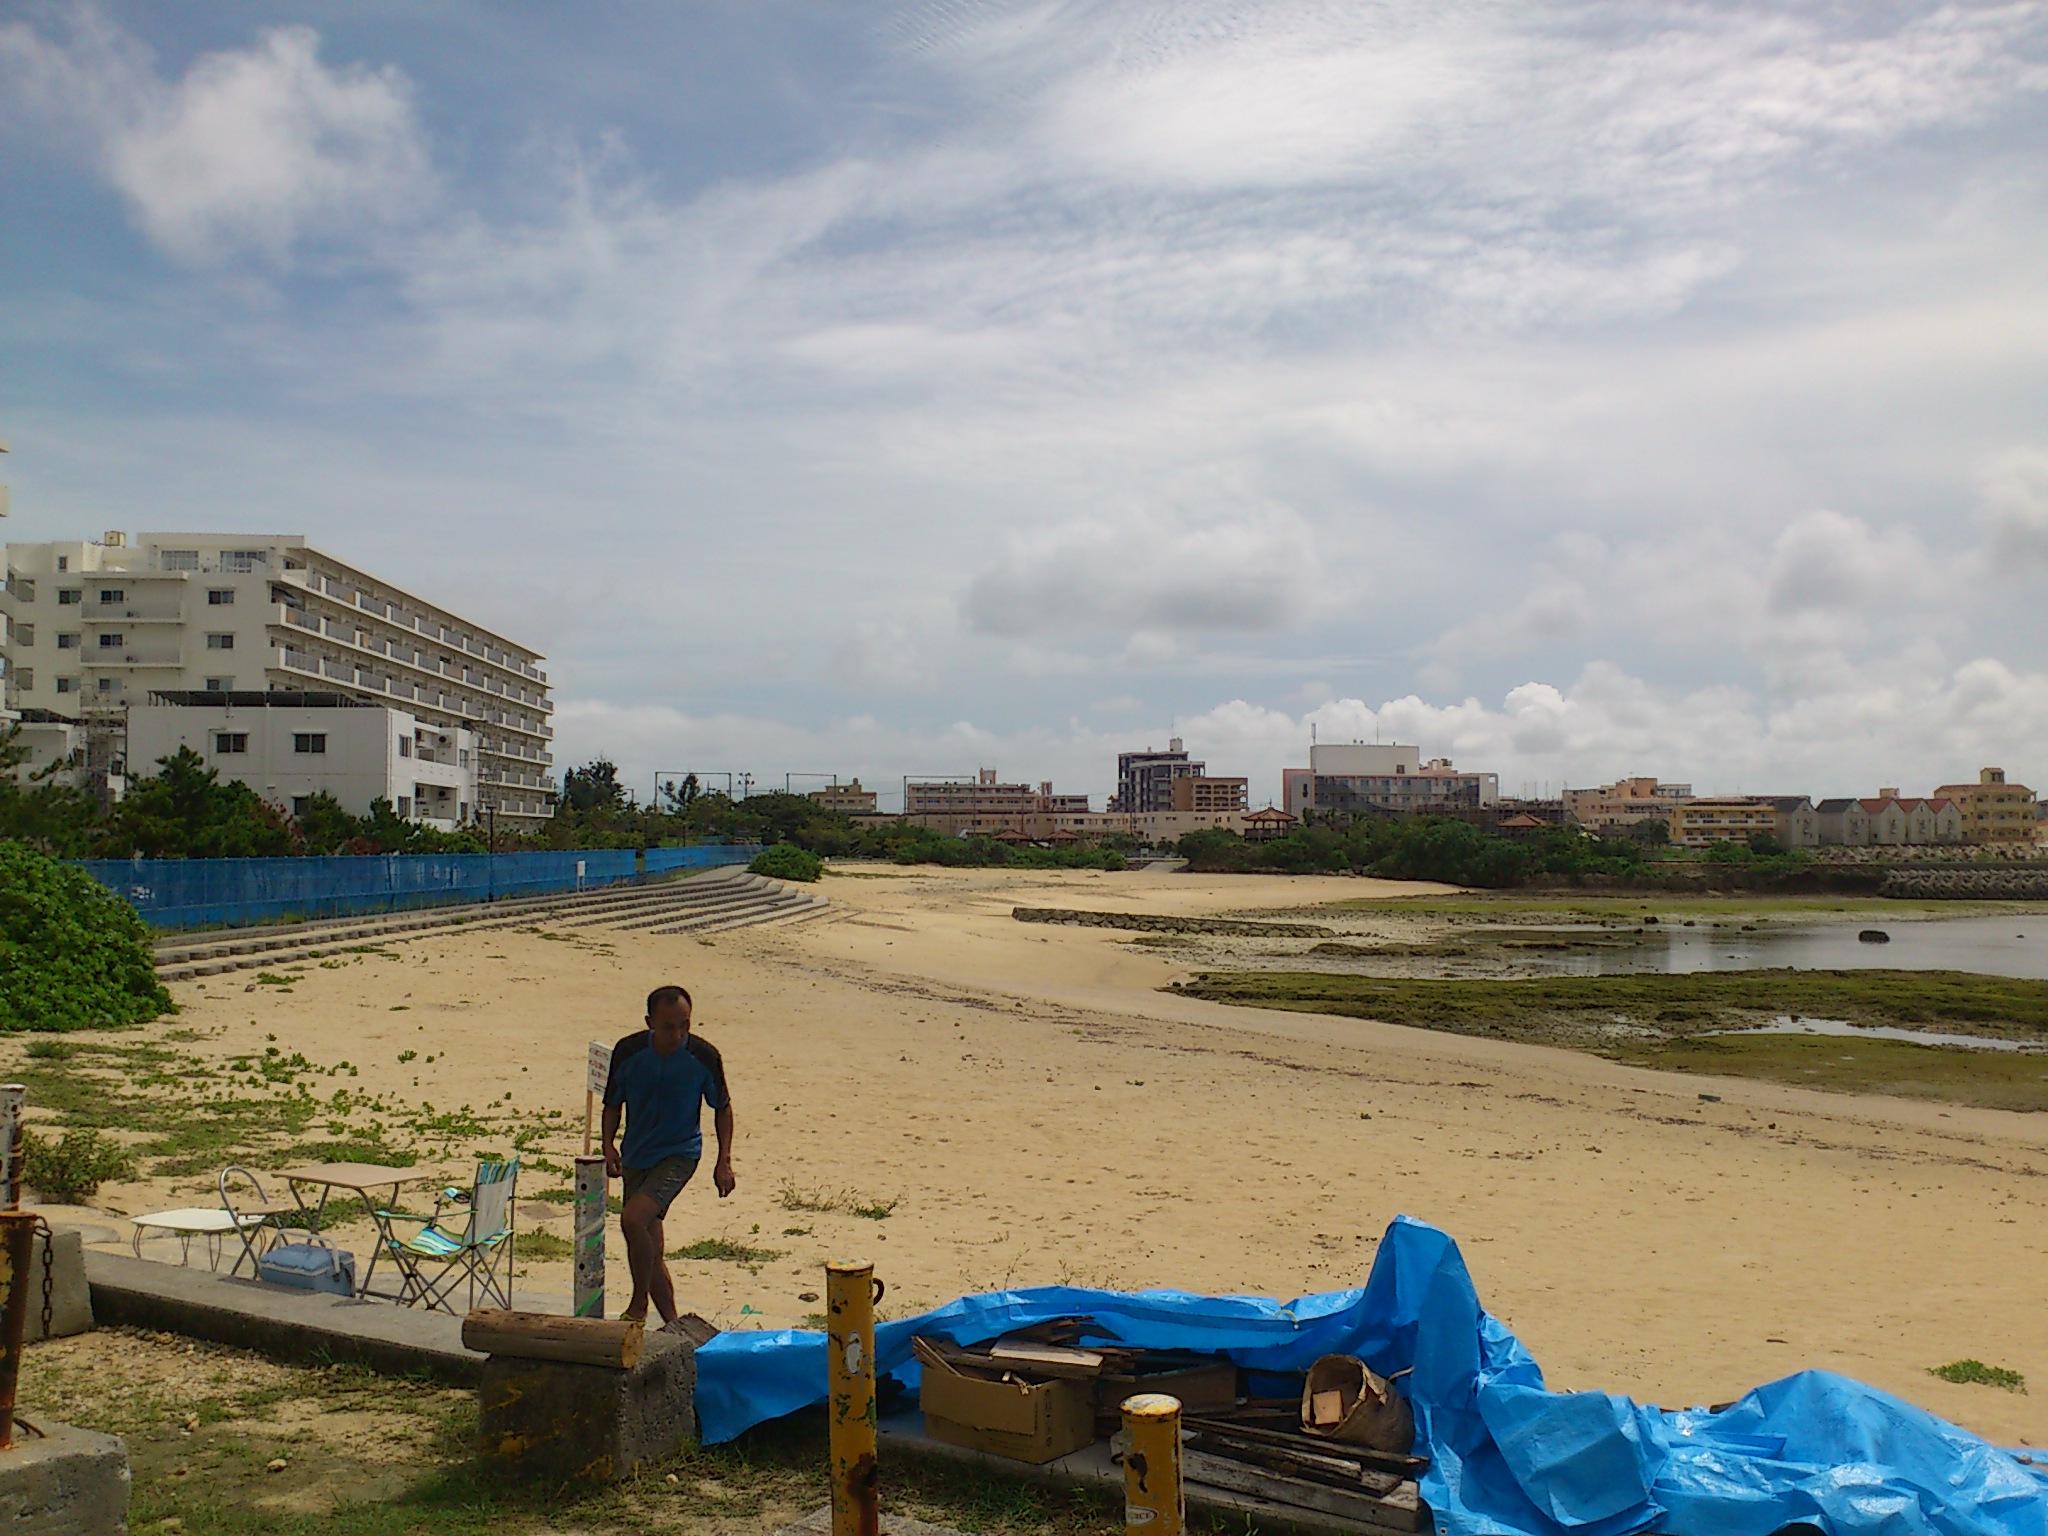 塩炊キャンプ@琉球。北谷町砂辺。薪は60年前に作られたサバニ。視界に広がる米軍用住宅街。命のチャランケ